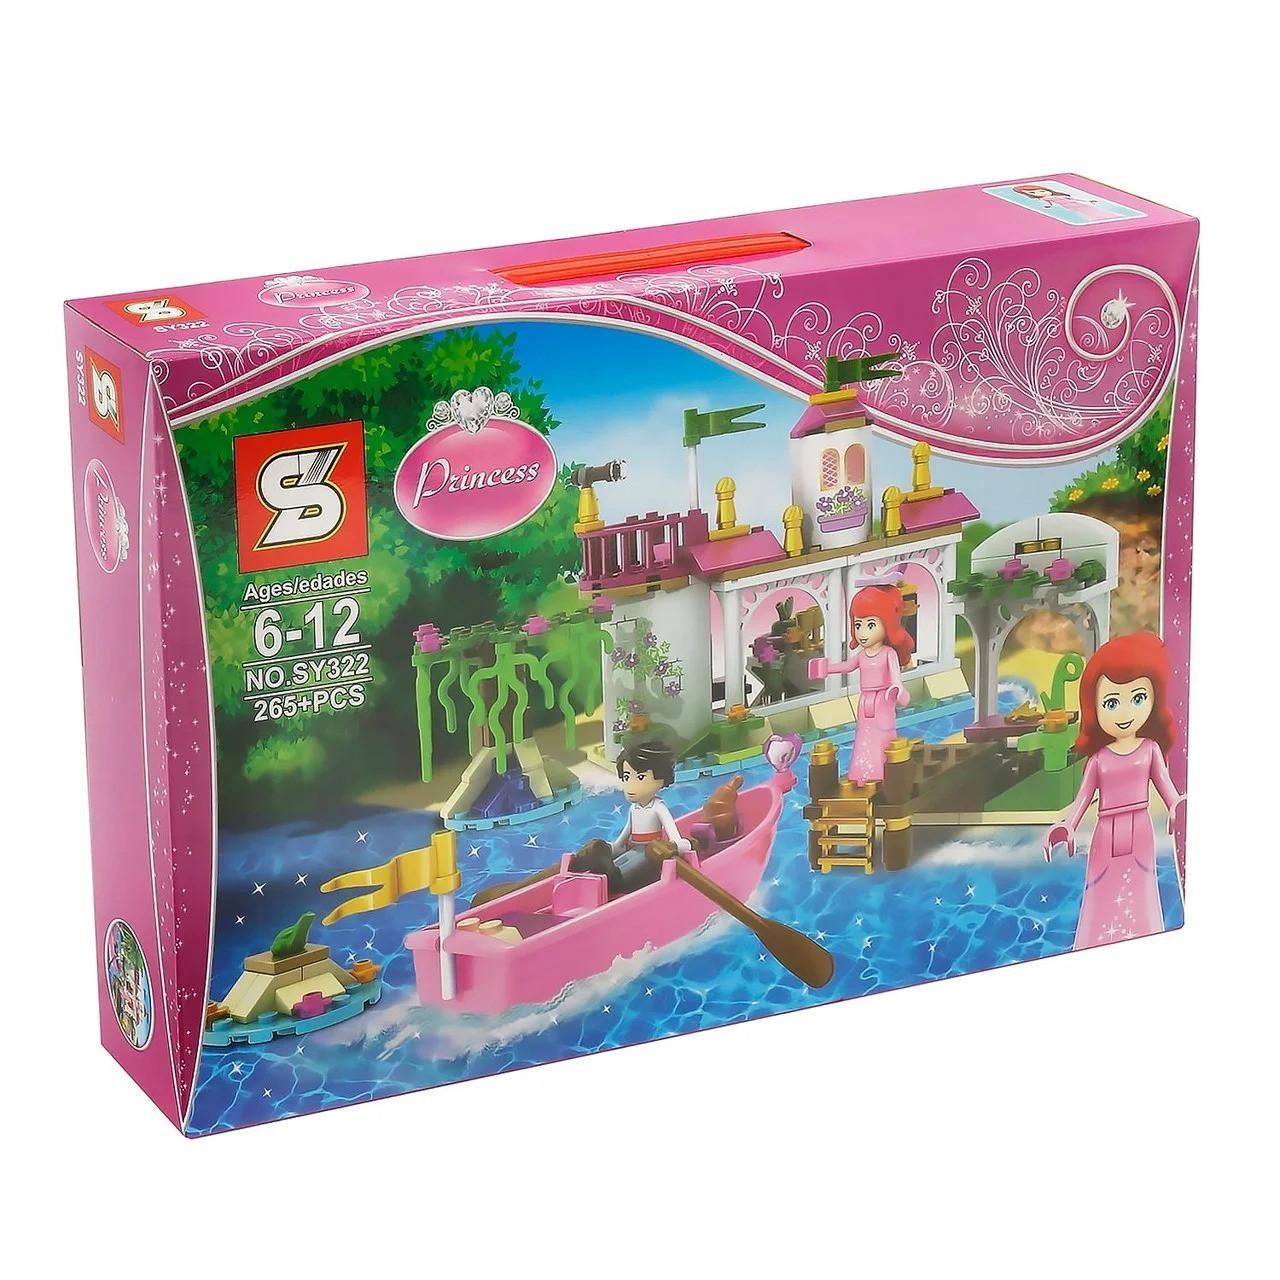 """Конструктор Disney Princess Sy322 (аналог Lego 41052) """"Волшебный поцелуй Ариель"""", 265 деталей"""